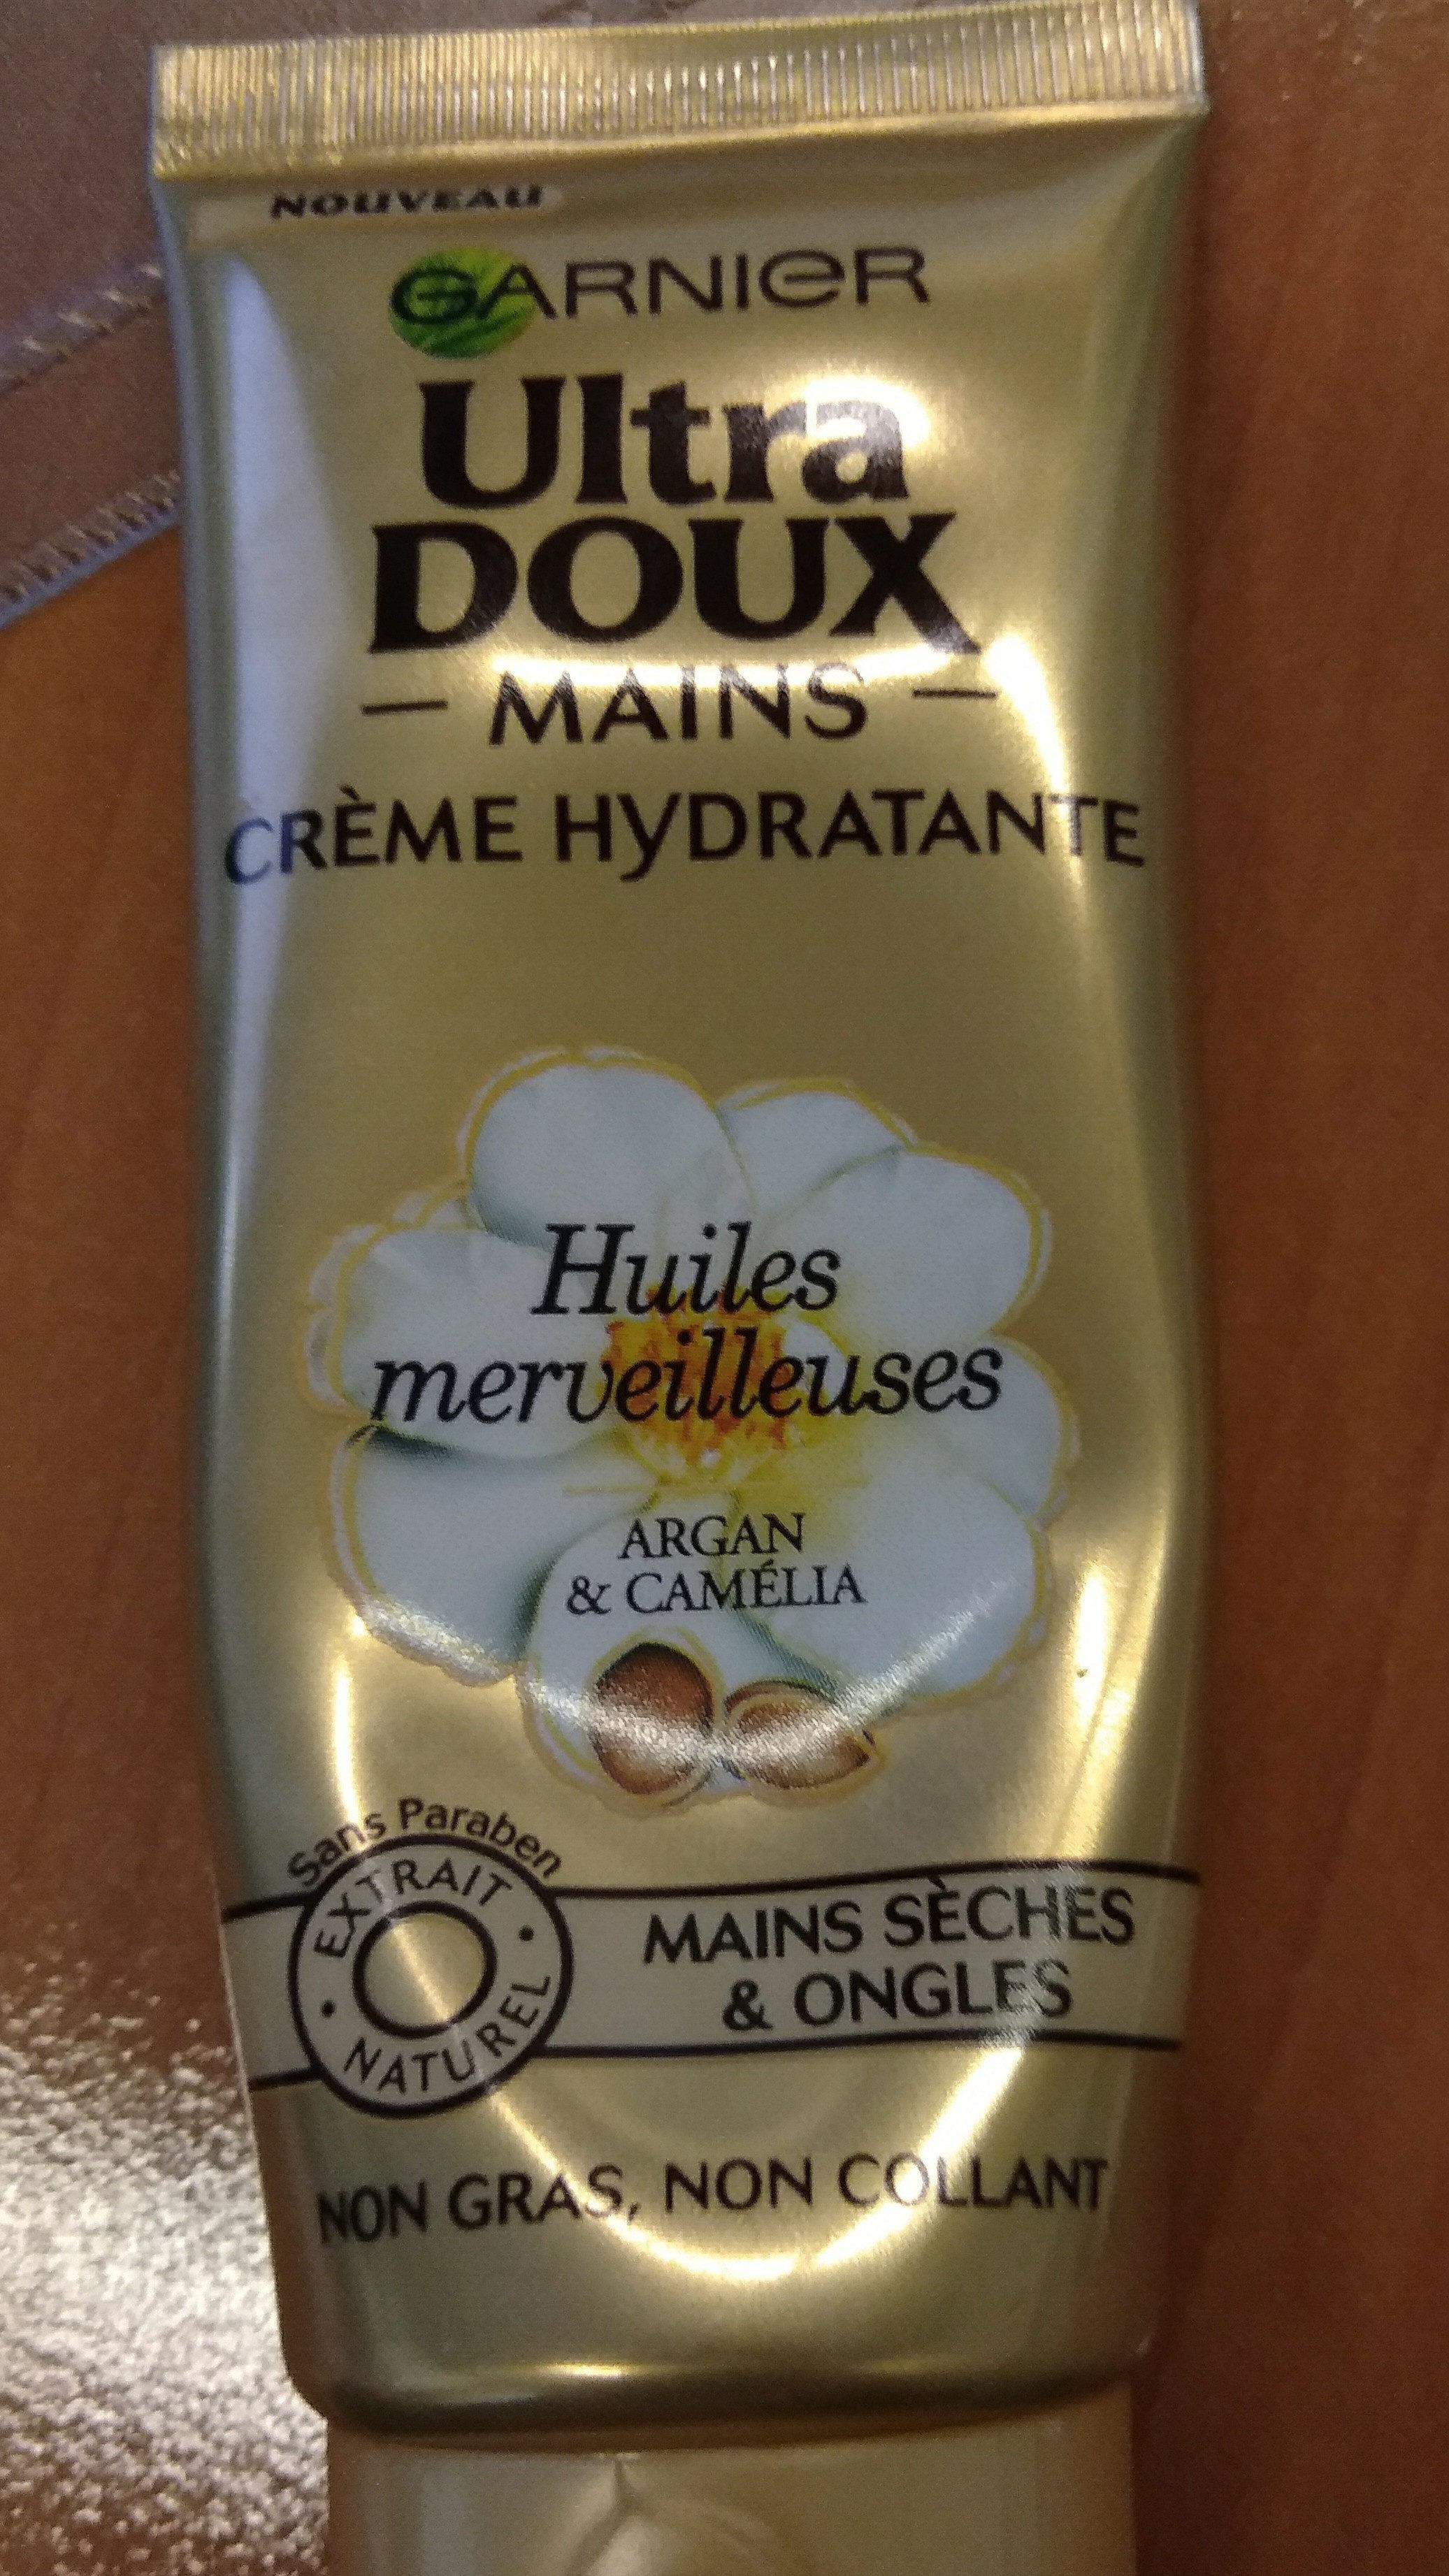 crème hydratante mains - Product